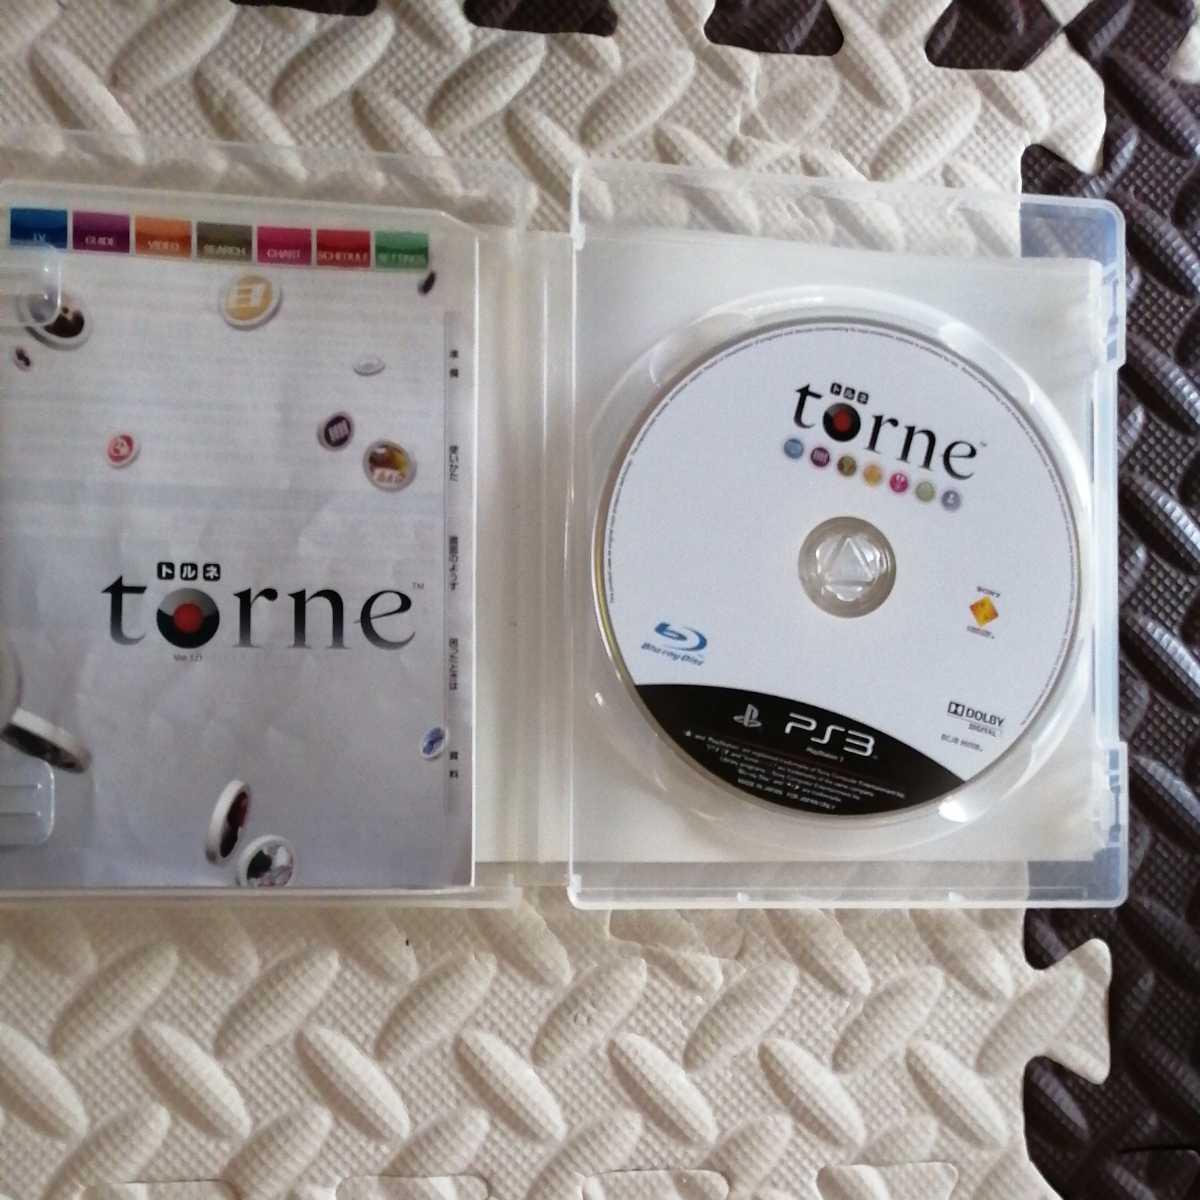 トルネ torne CECH-ZD1 地上デジタルチューナー PS3 PlayStation3 プレステ3 プレイステーション3 SONY 動作確認済み